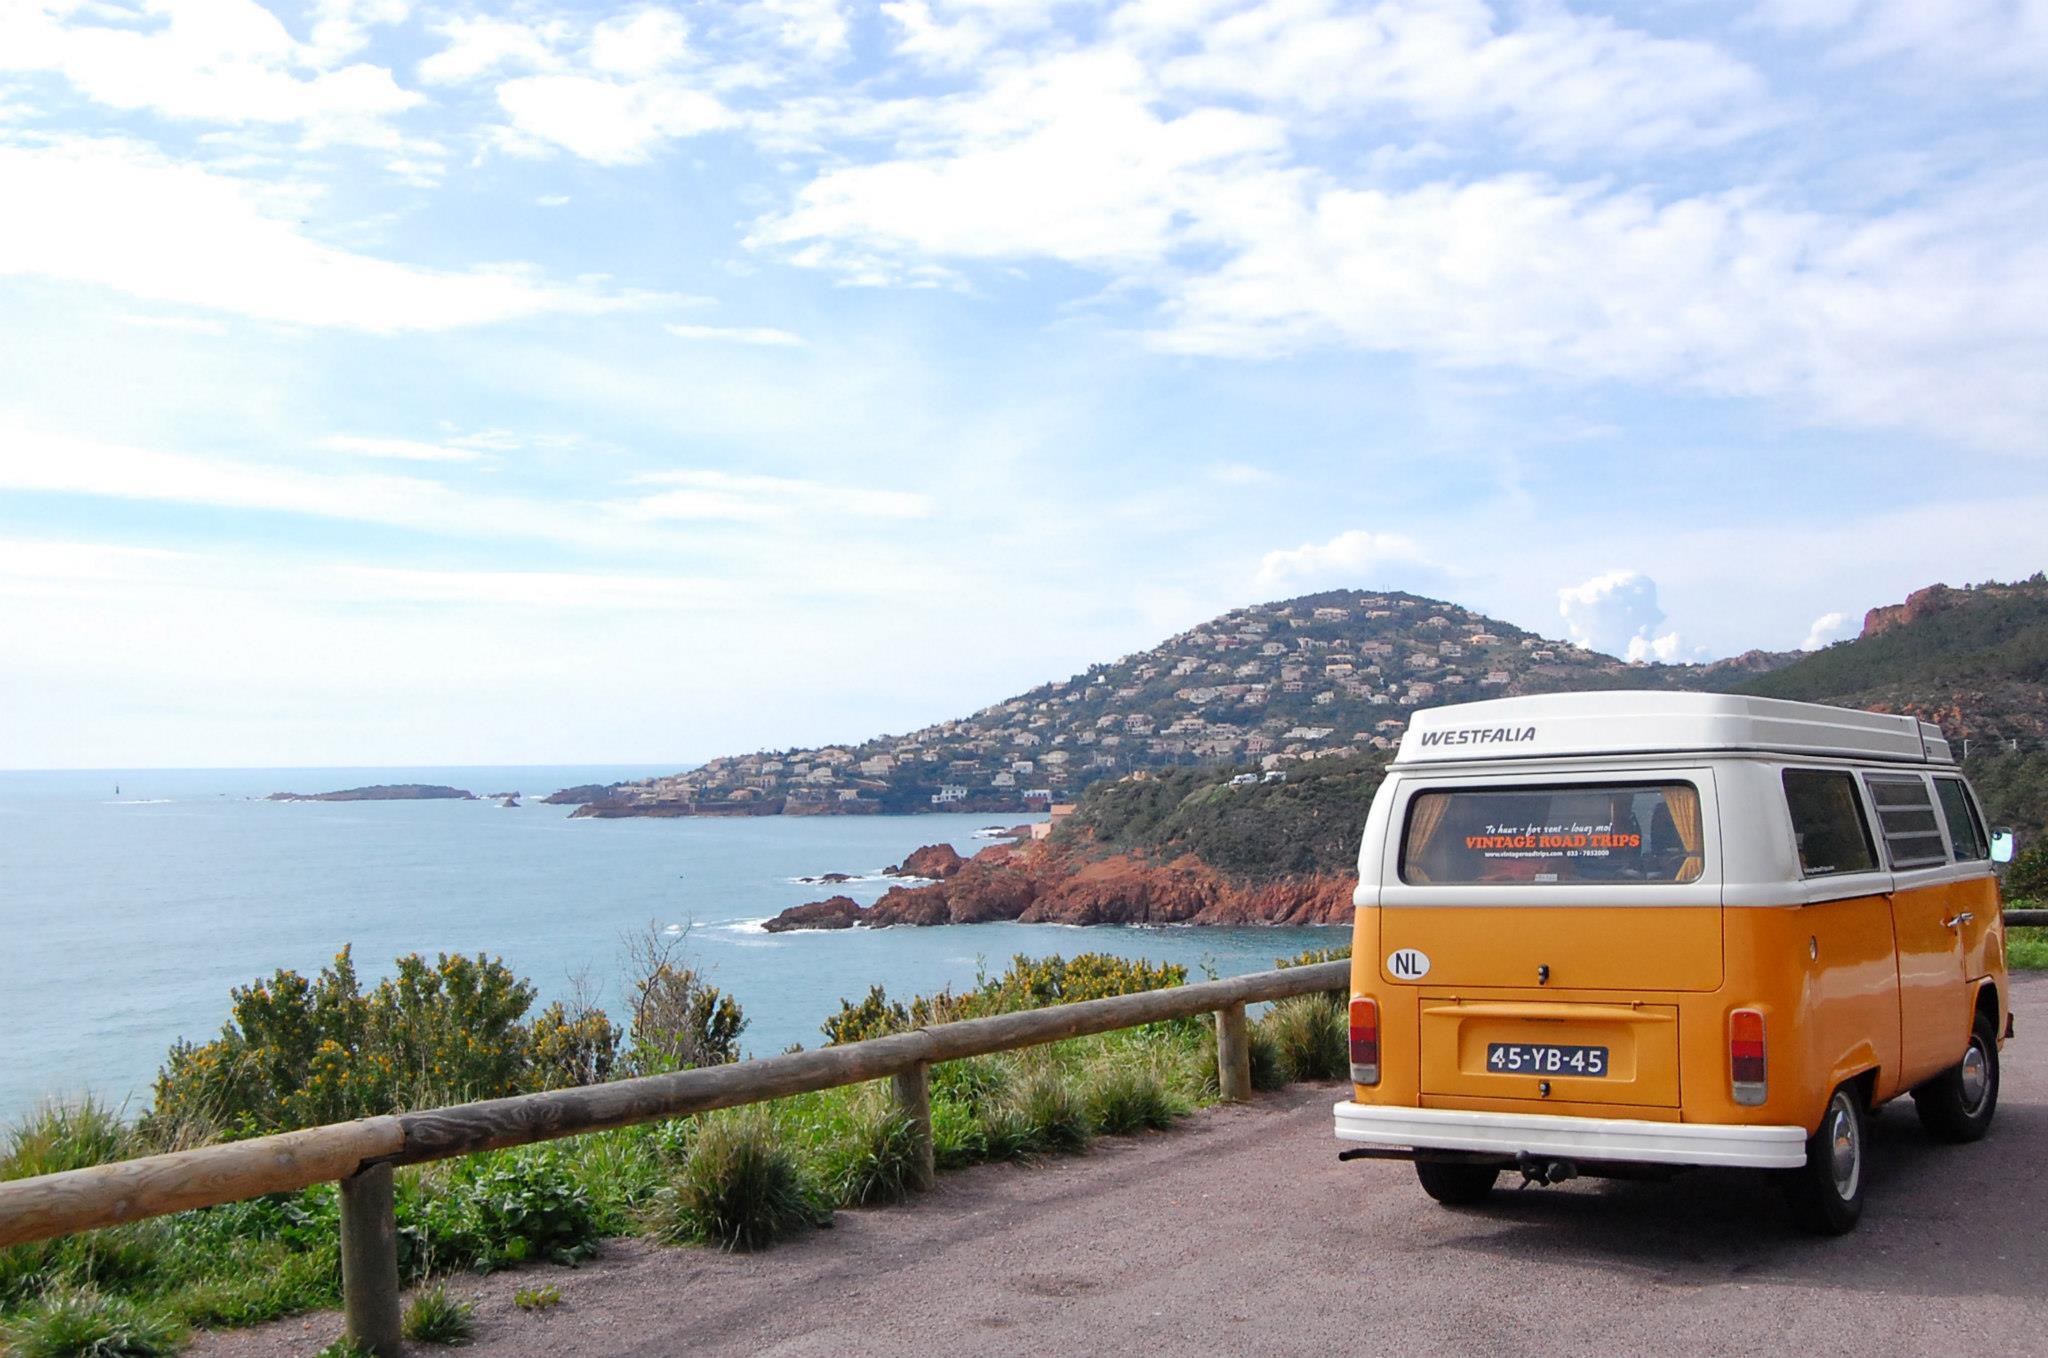 Ontdek de Provence & Cote d'Azur in een vintage Volkswagen bus